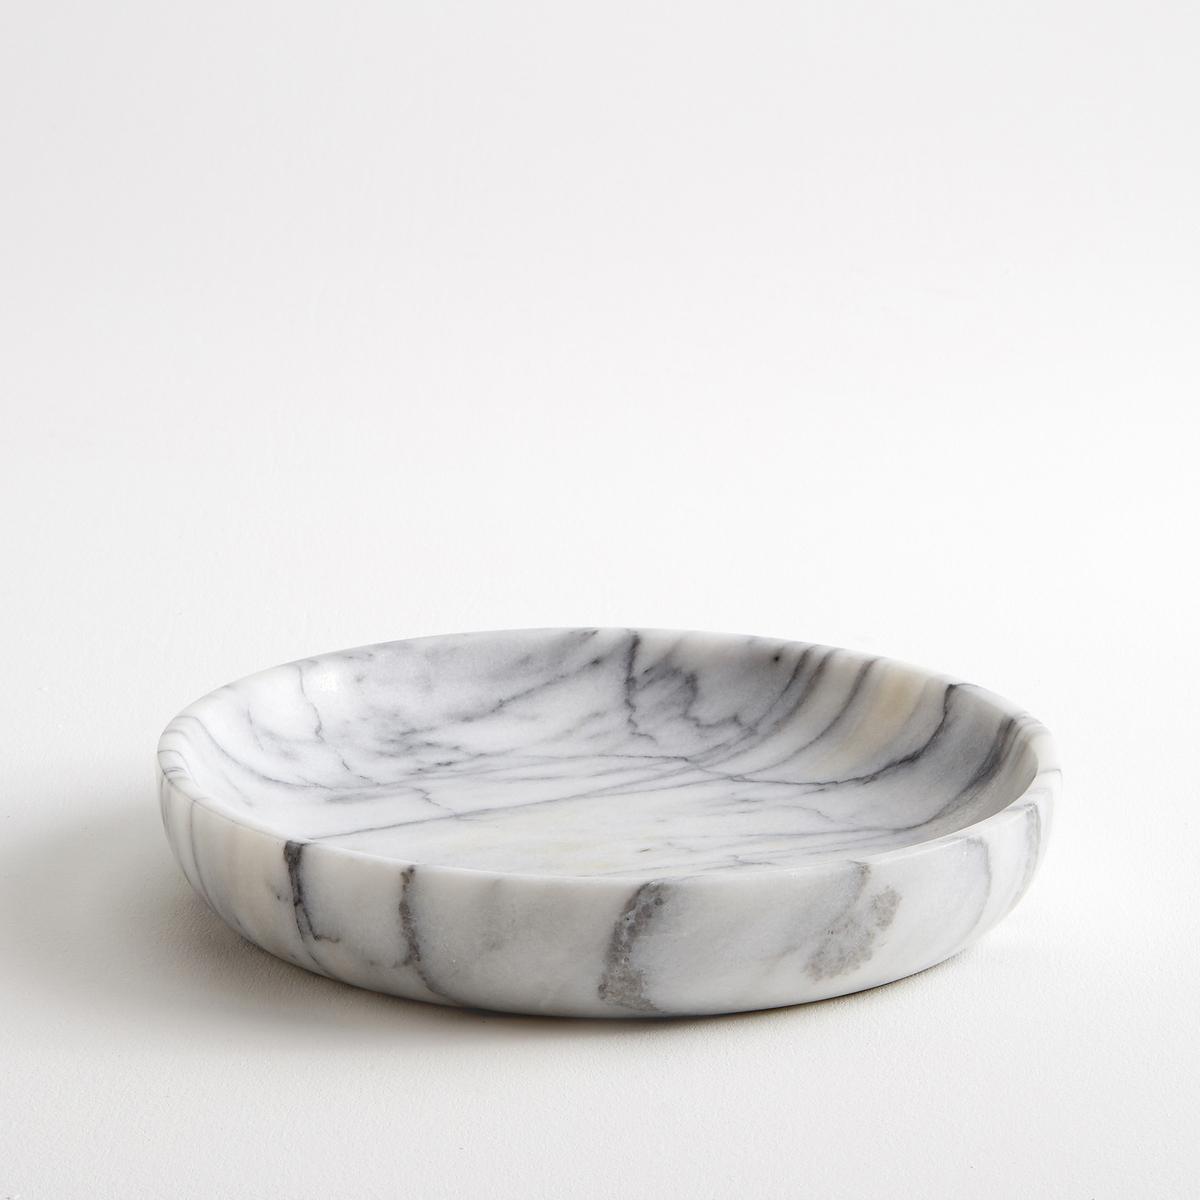 Чаша из мрамора ?25 см, Ks?niaЧаша из настоящего мрамора .           Простой предмет декора, который можно использовать просто так или как монетницу, мрамор красиво переливается.           Диаметр 25 см. Высота 4 см.<br><br>Цвет: мраморный,черный